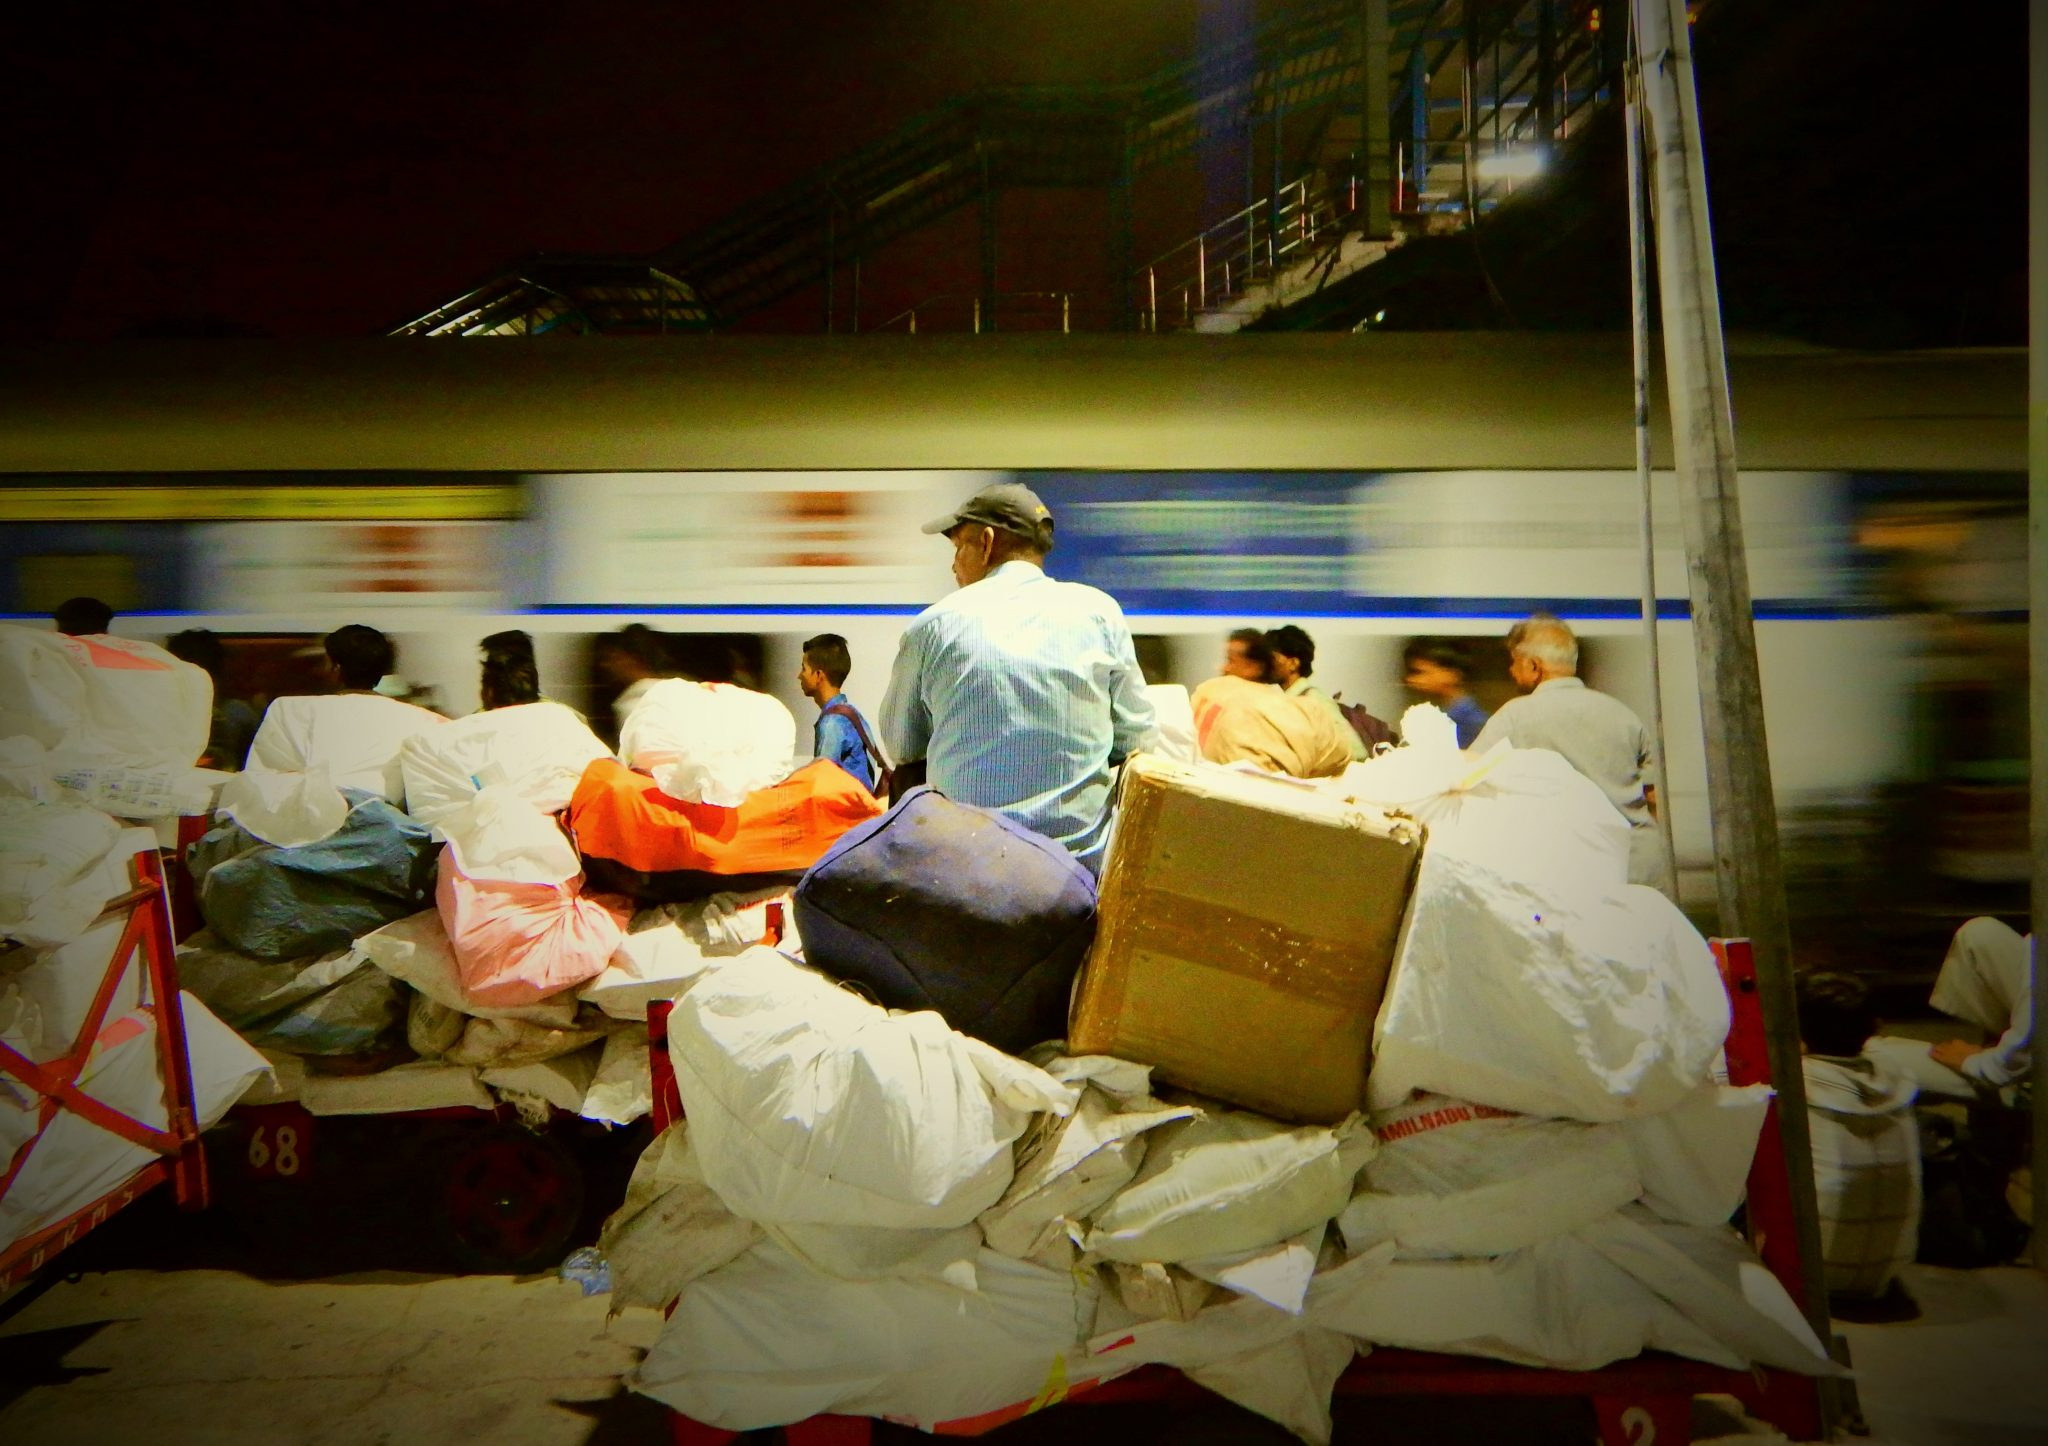 Viaggio in treno India, tour avvenutura, zaino in spalla